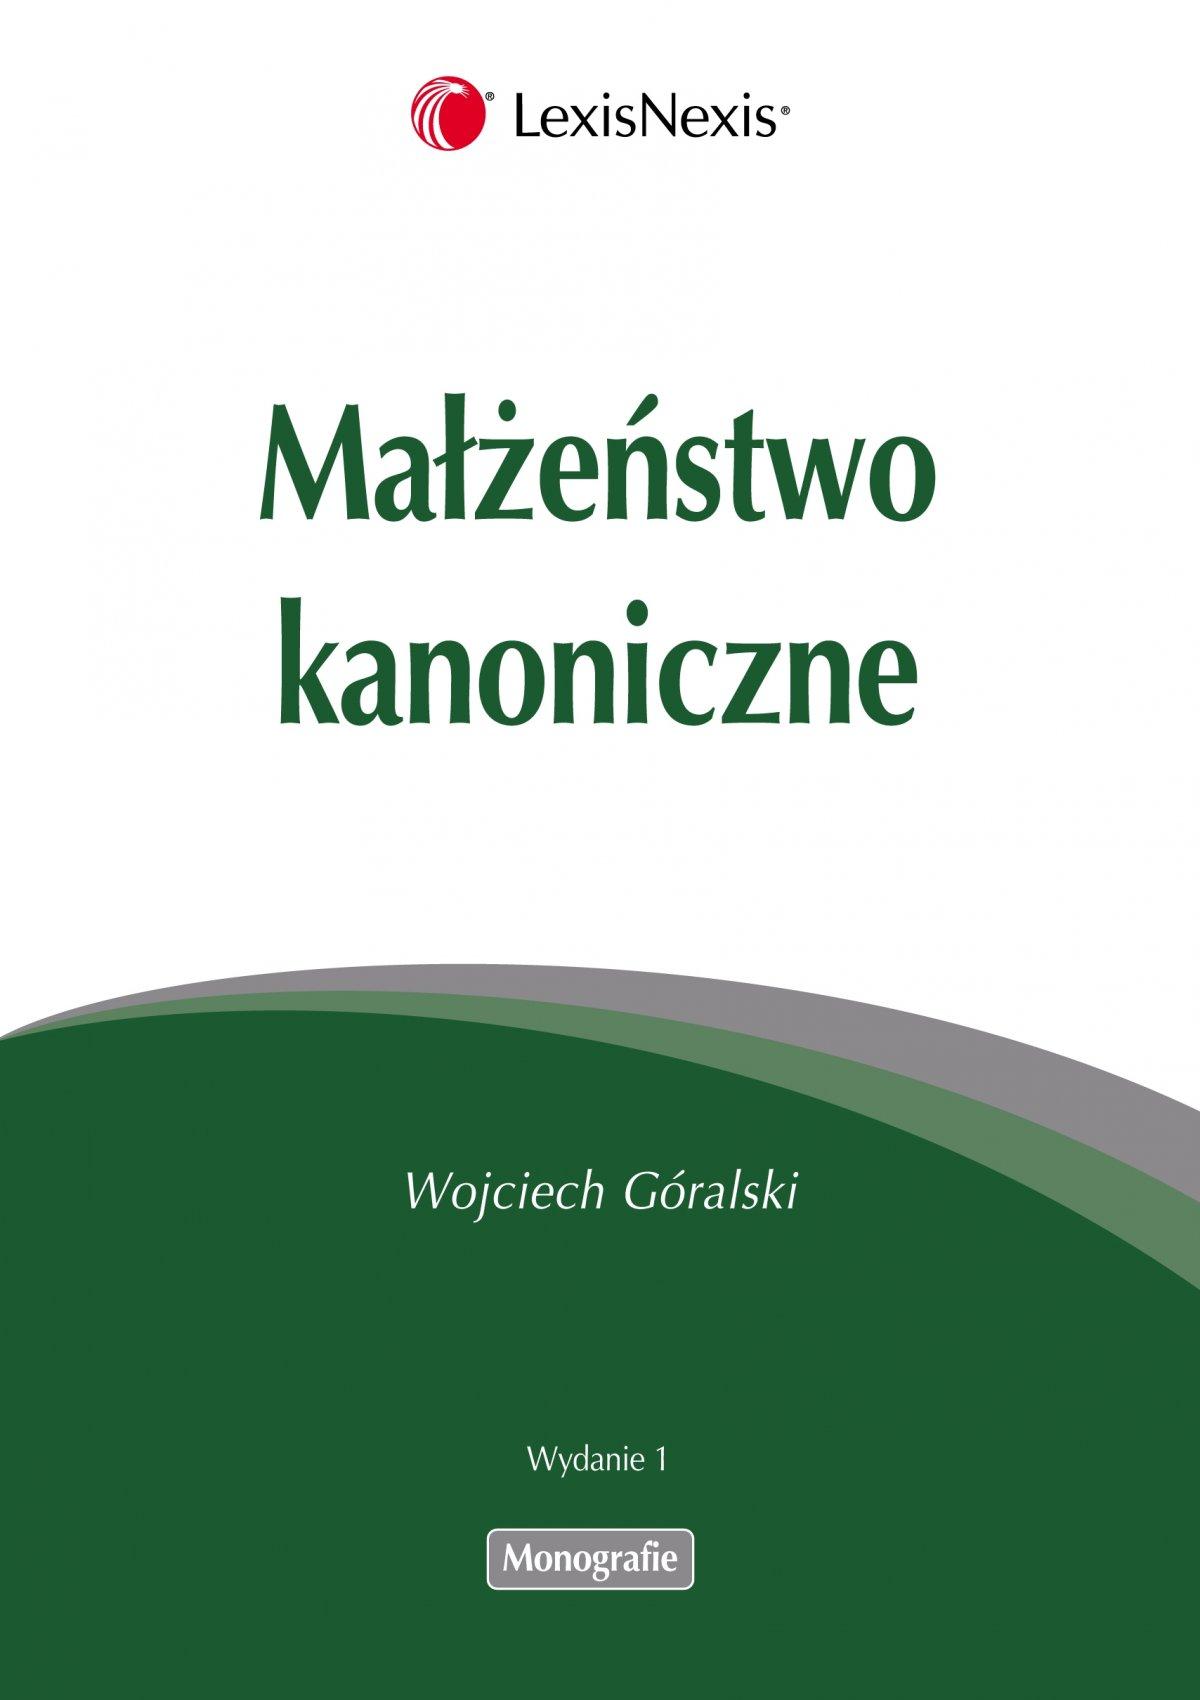 Małżeństwo kanoniczne - Ebook (Książka PDF) do pobrania w formacie PDF